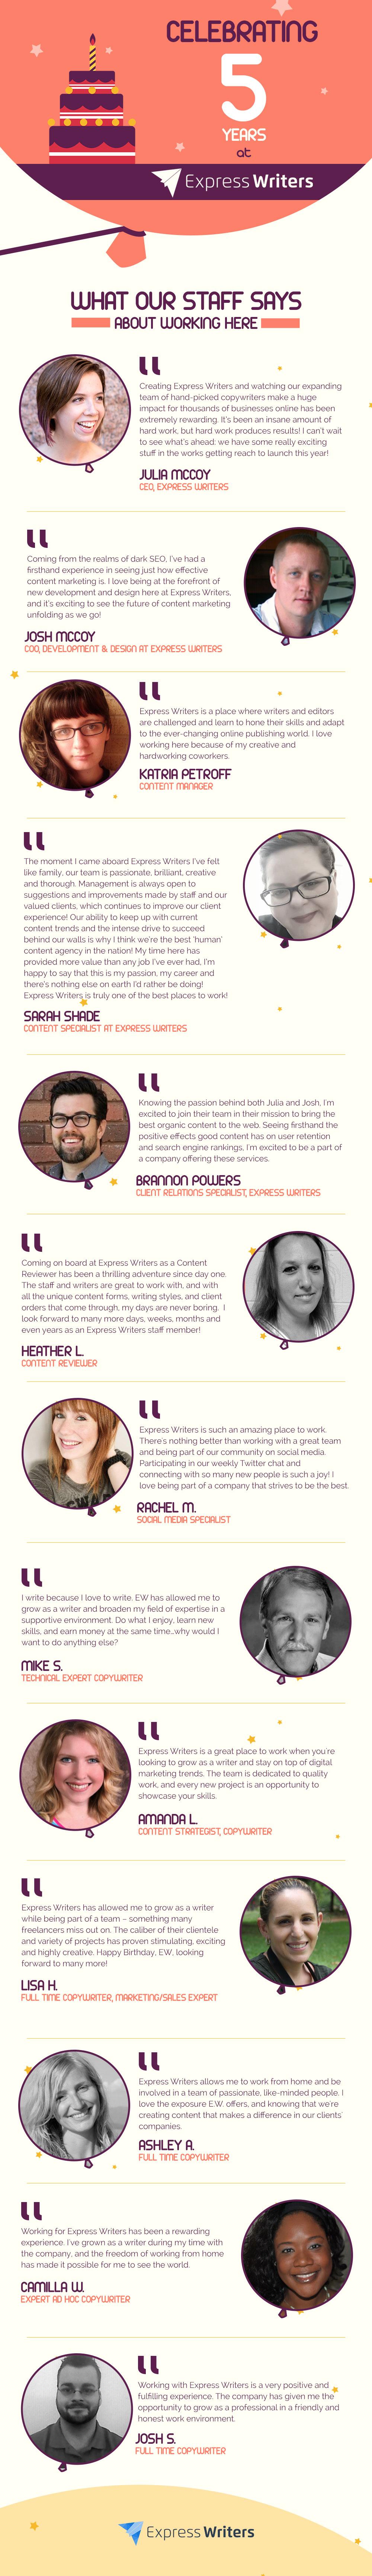 express writers 5 year anniversary